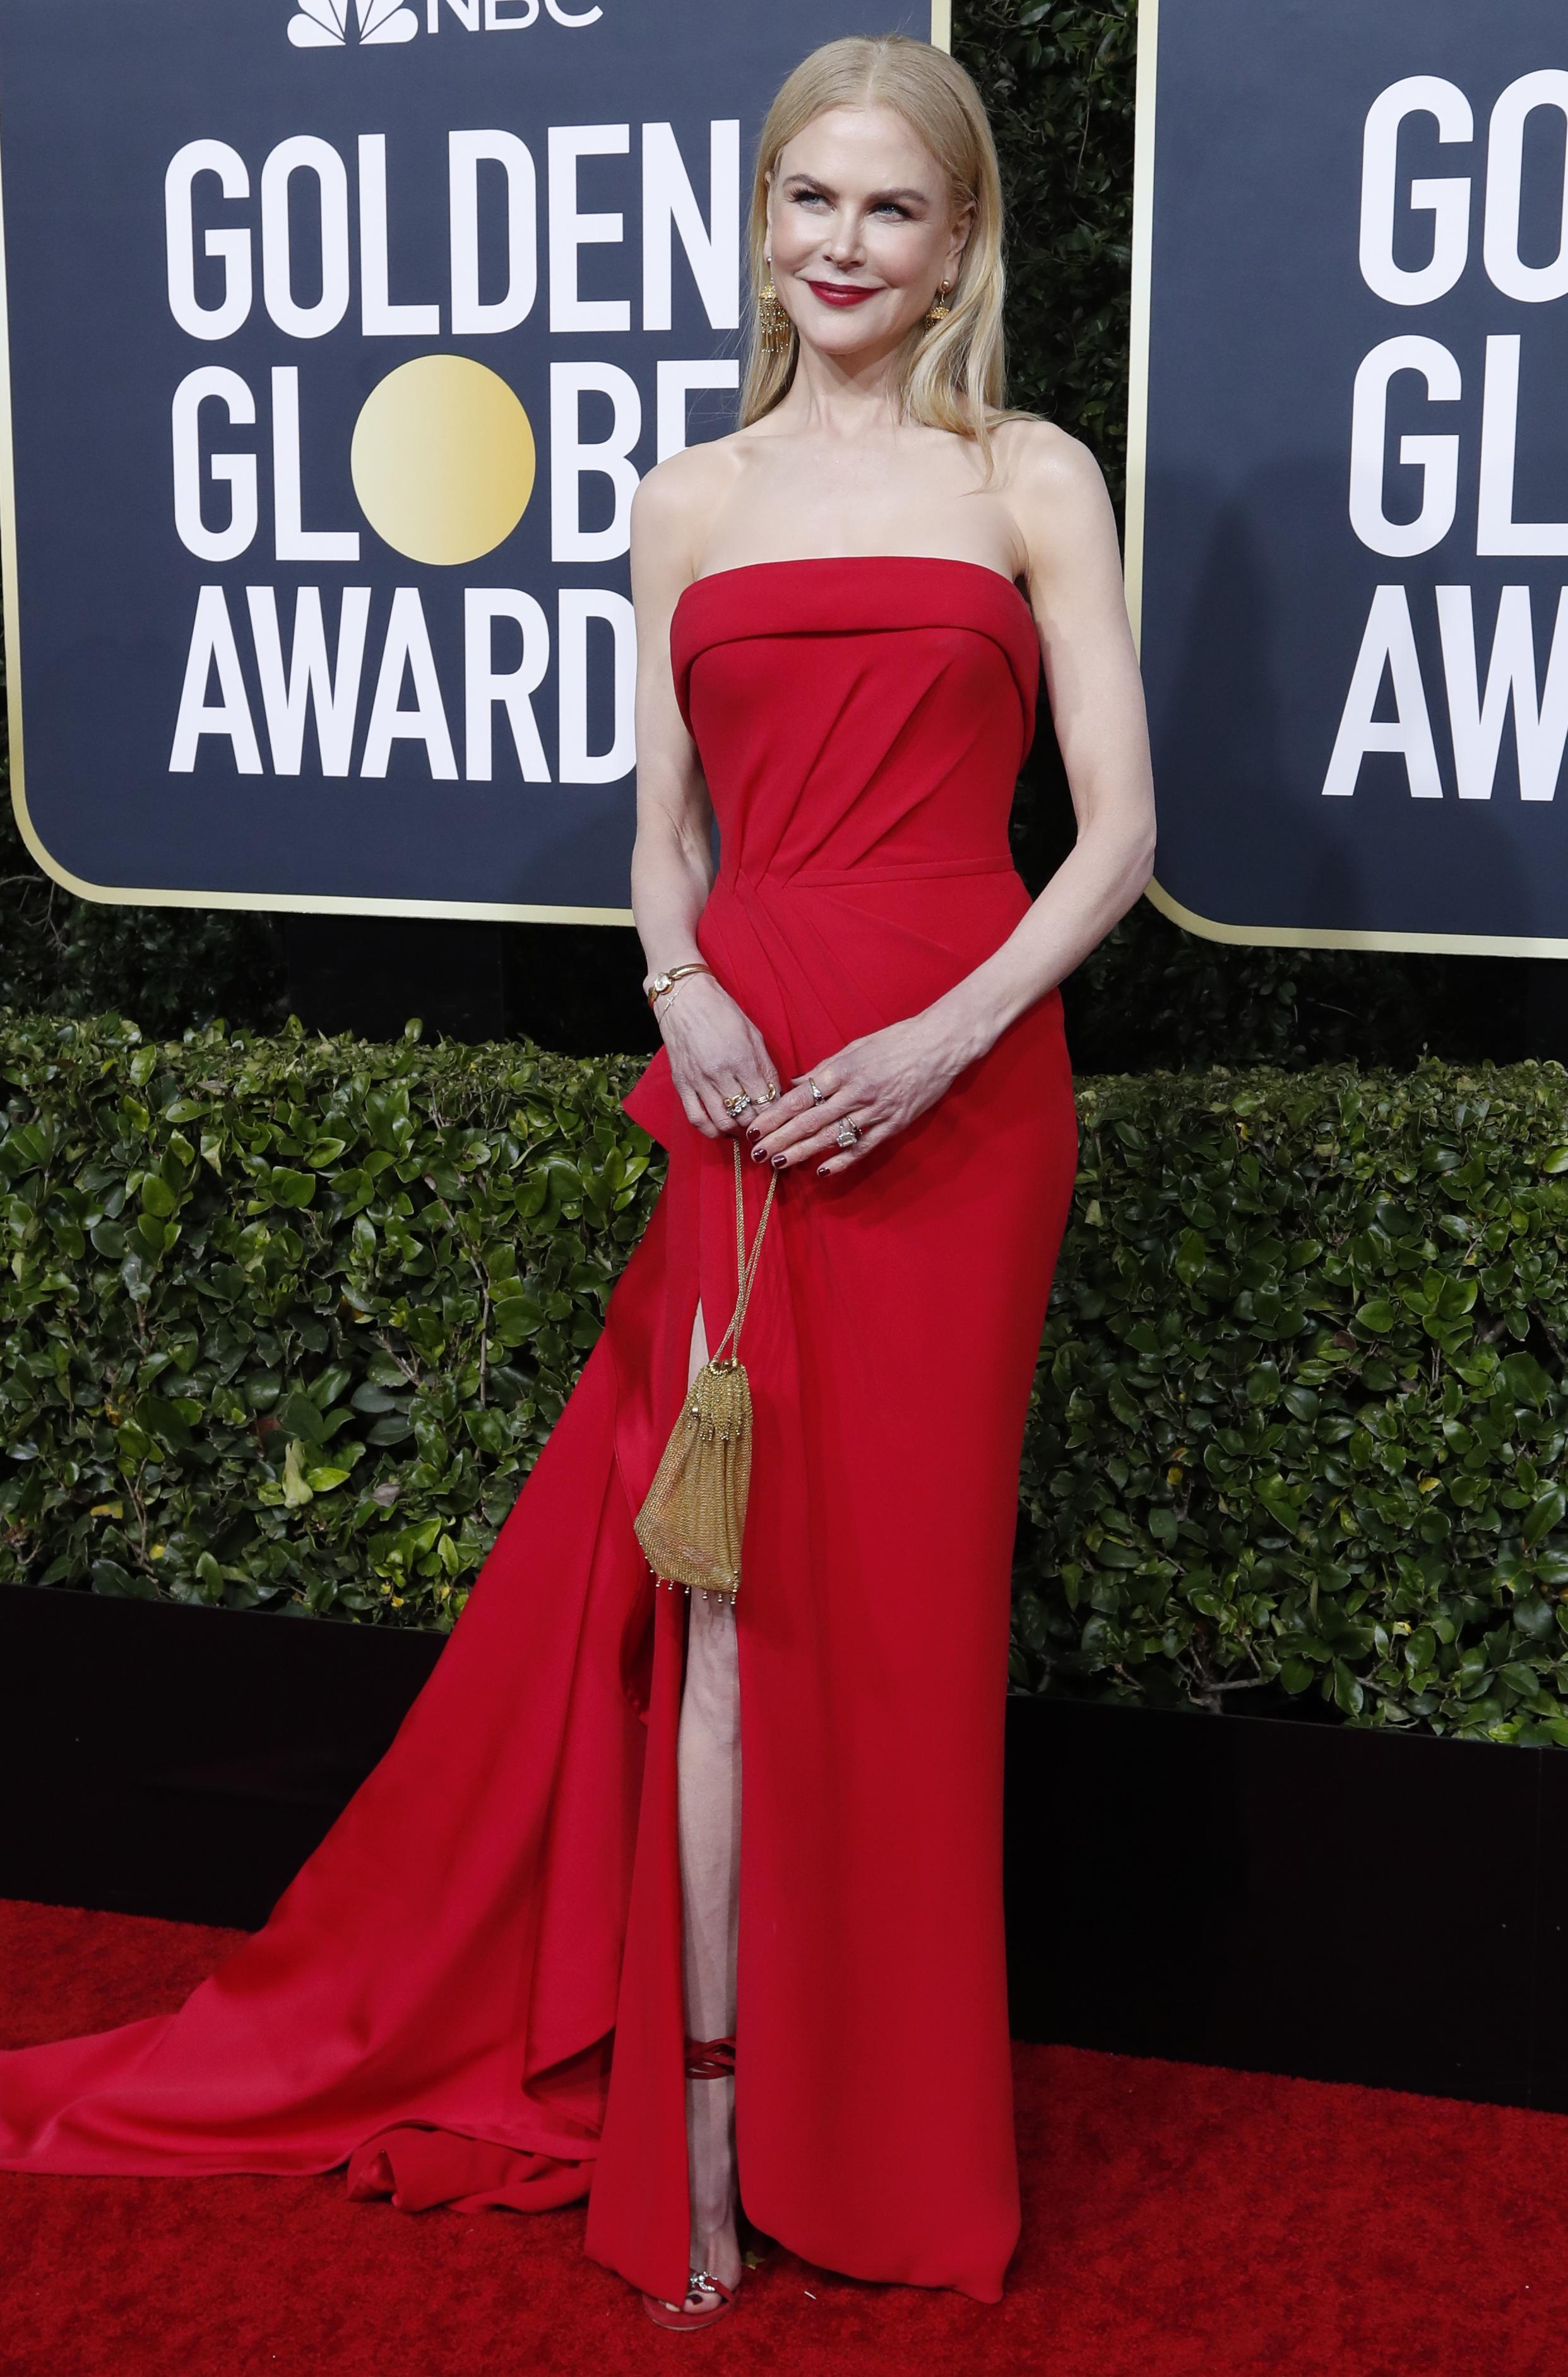 Nicole Kidman apostó a un total red look strapless con un gran tajo en la falda. Completó su look con una cartera dorada, sandalias con pulsera en color rojo con detalles dorados y joyas de brillantes